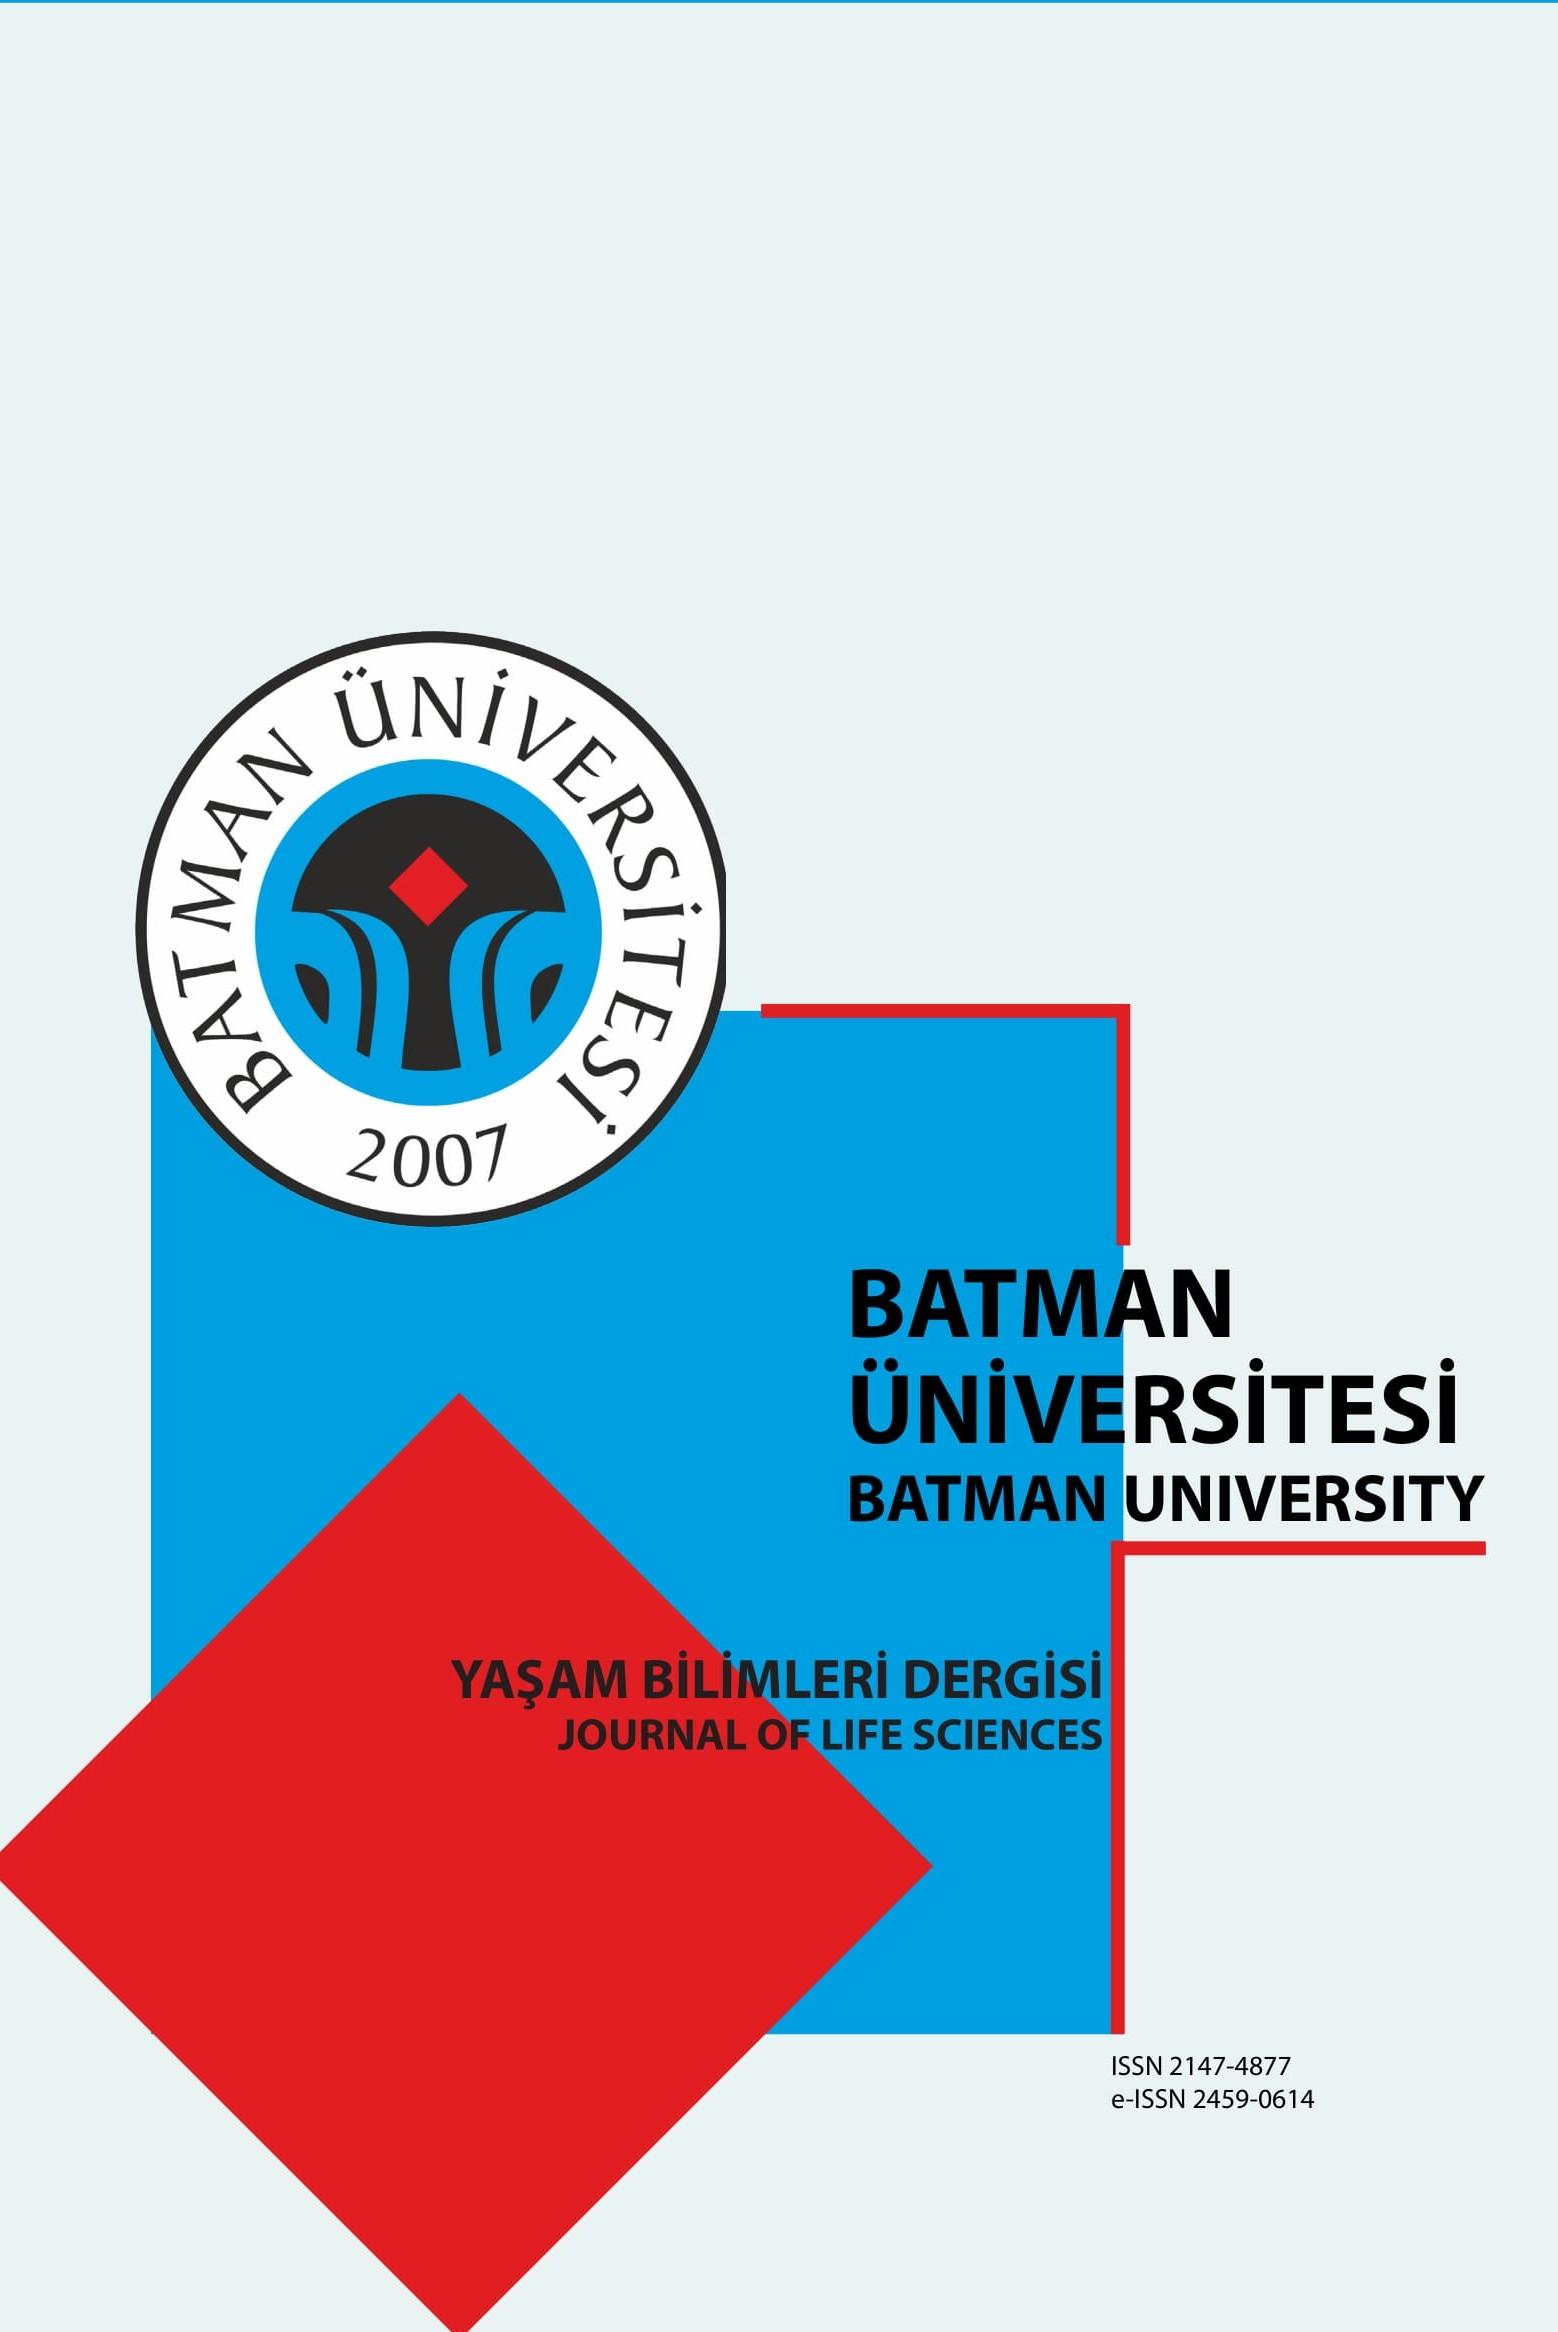 Batman Üniversitesi Yaşam Bilimleri Dergisi